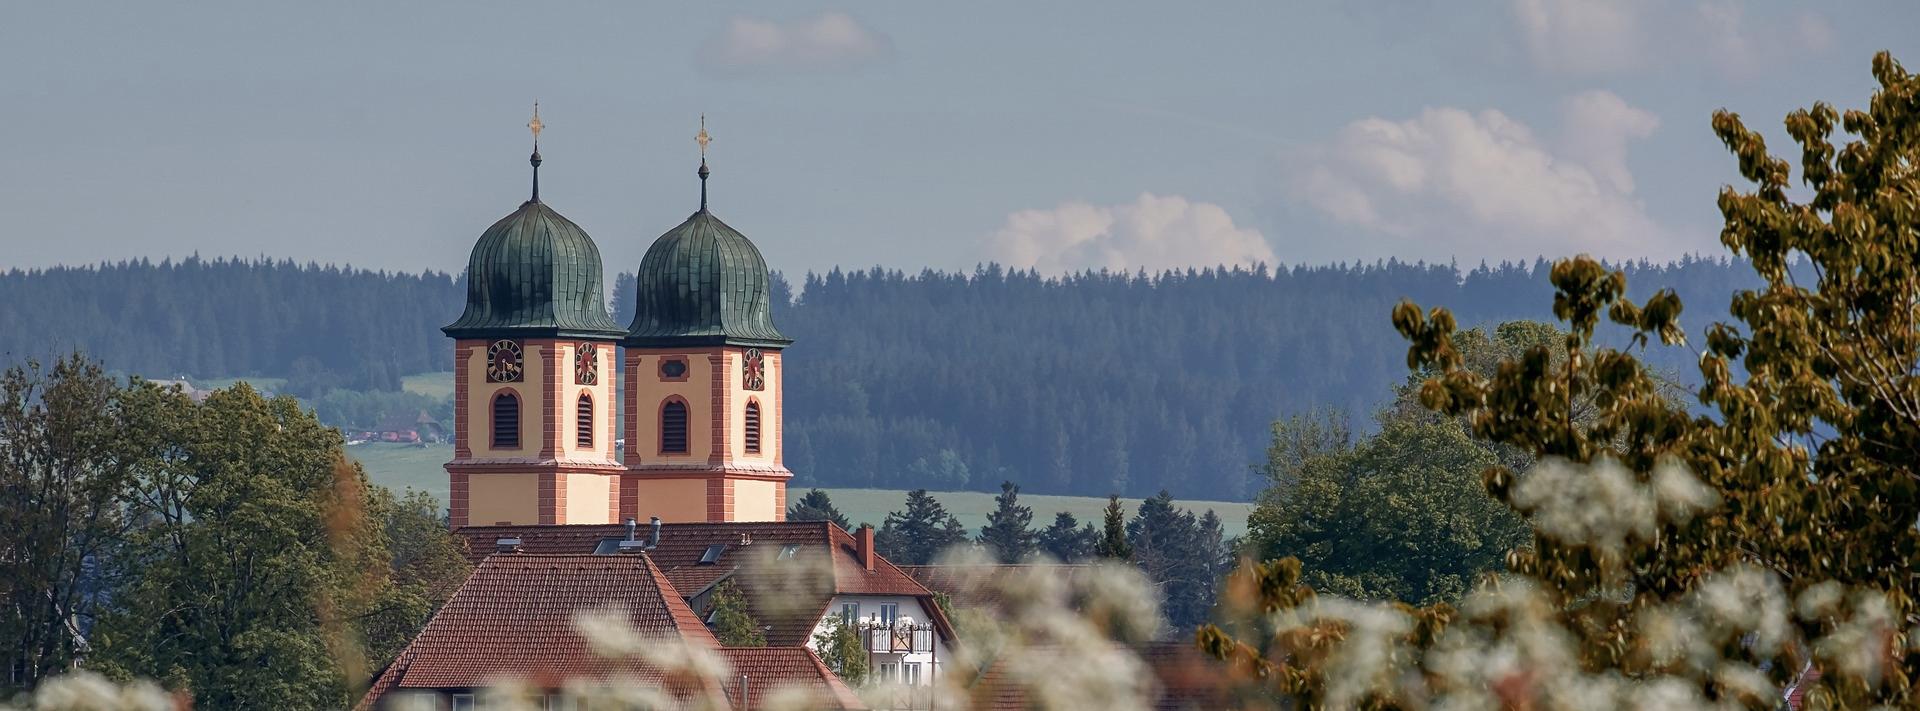 Reiseziele Süddeutschland